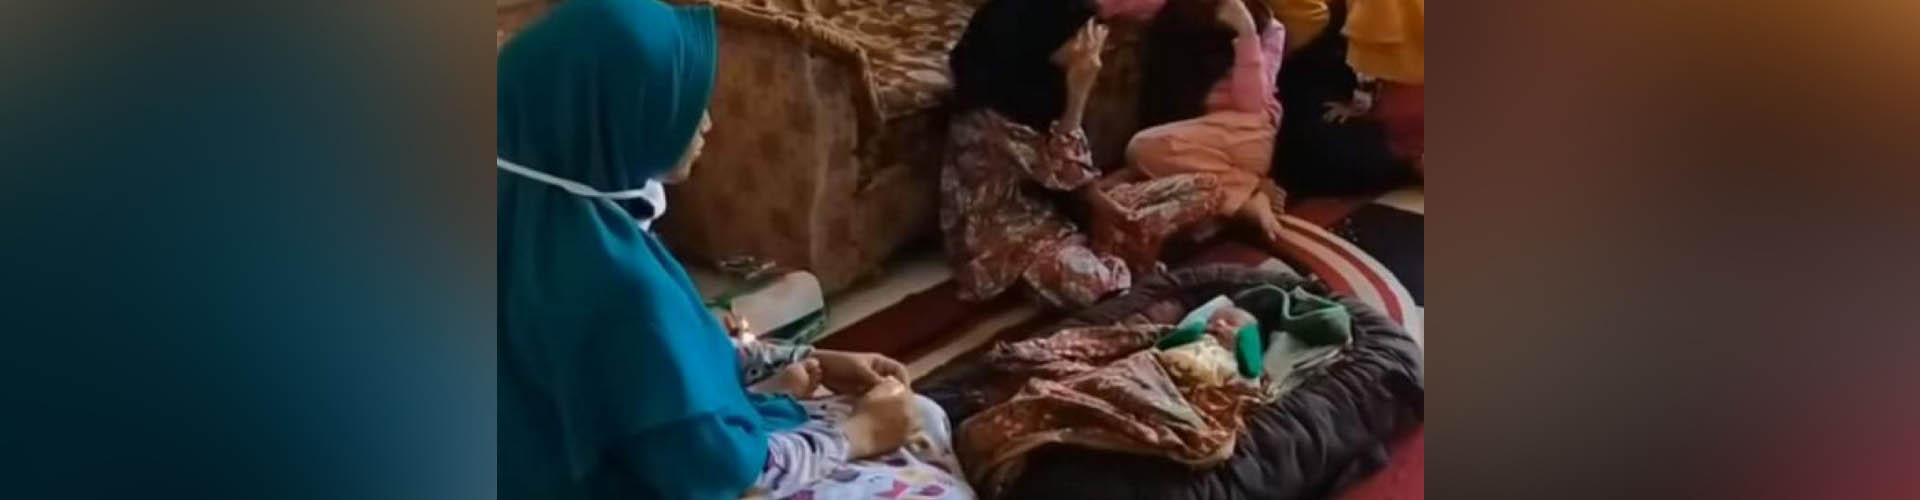 (VIDEO) Una mujer en Indonesia afirma que una ráfaga de viento la embarazó